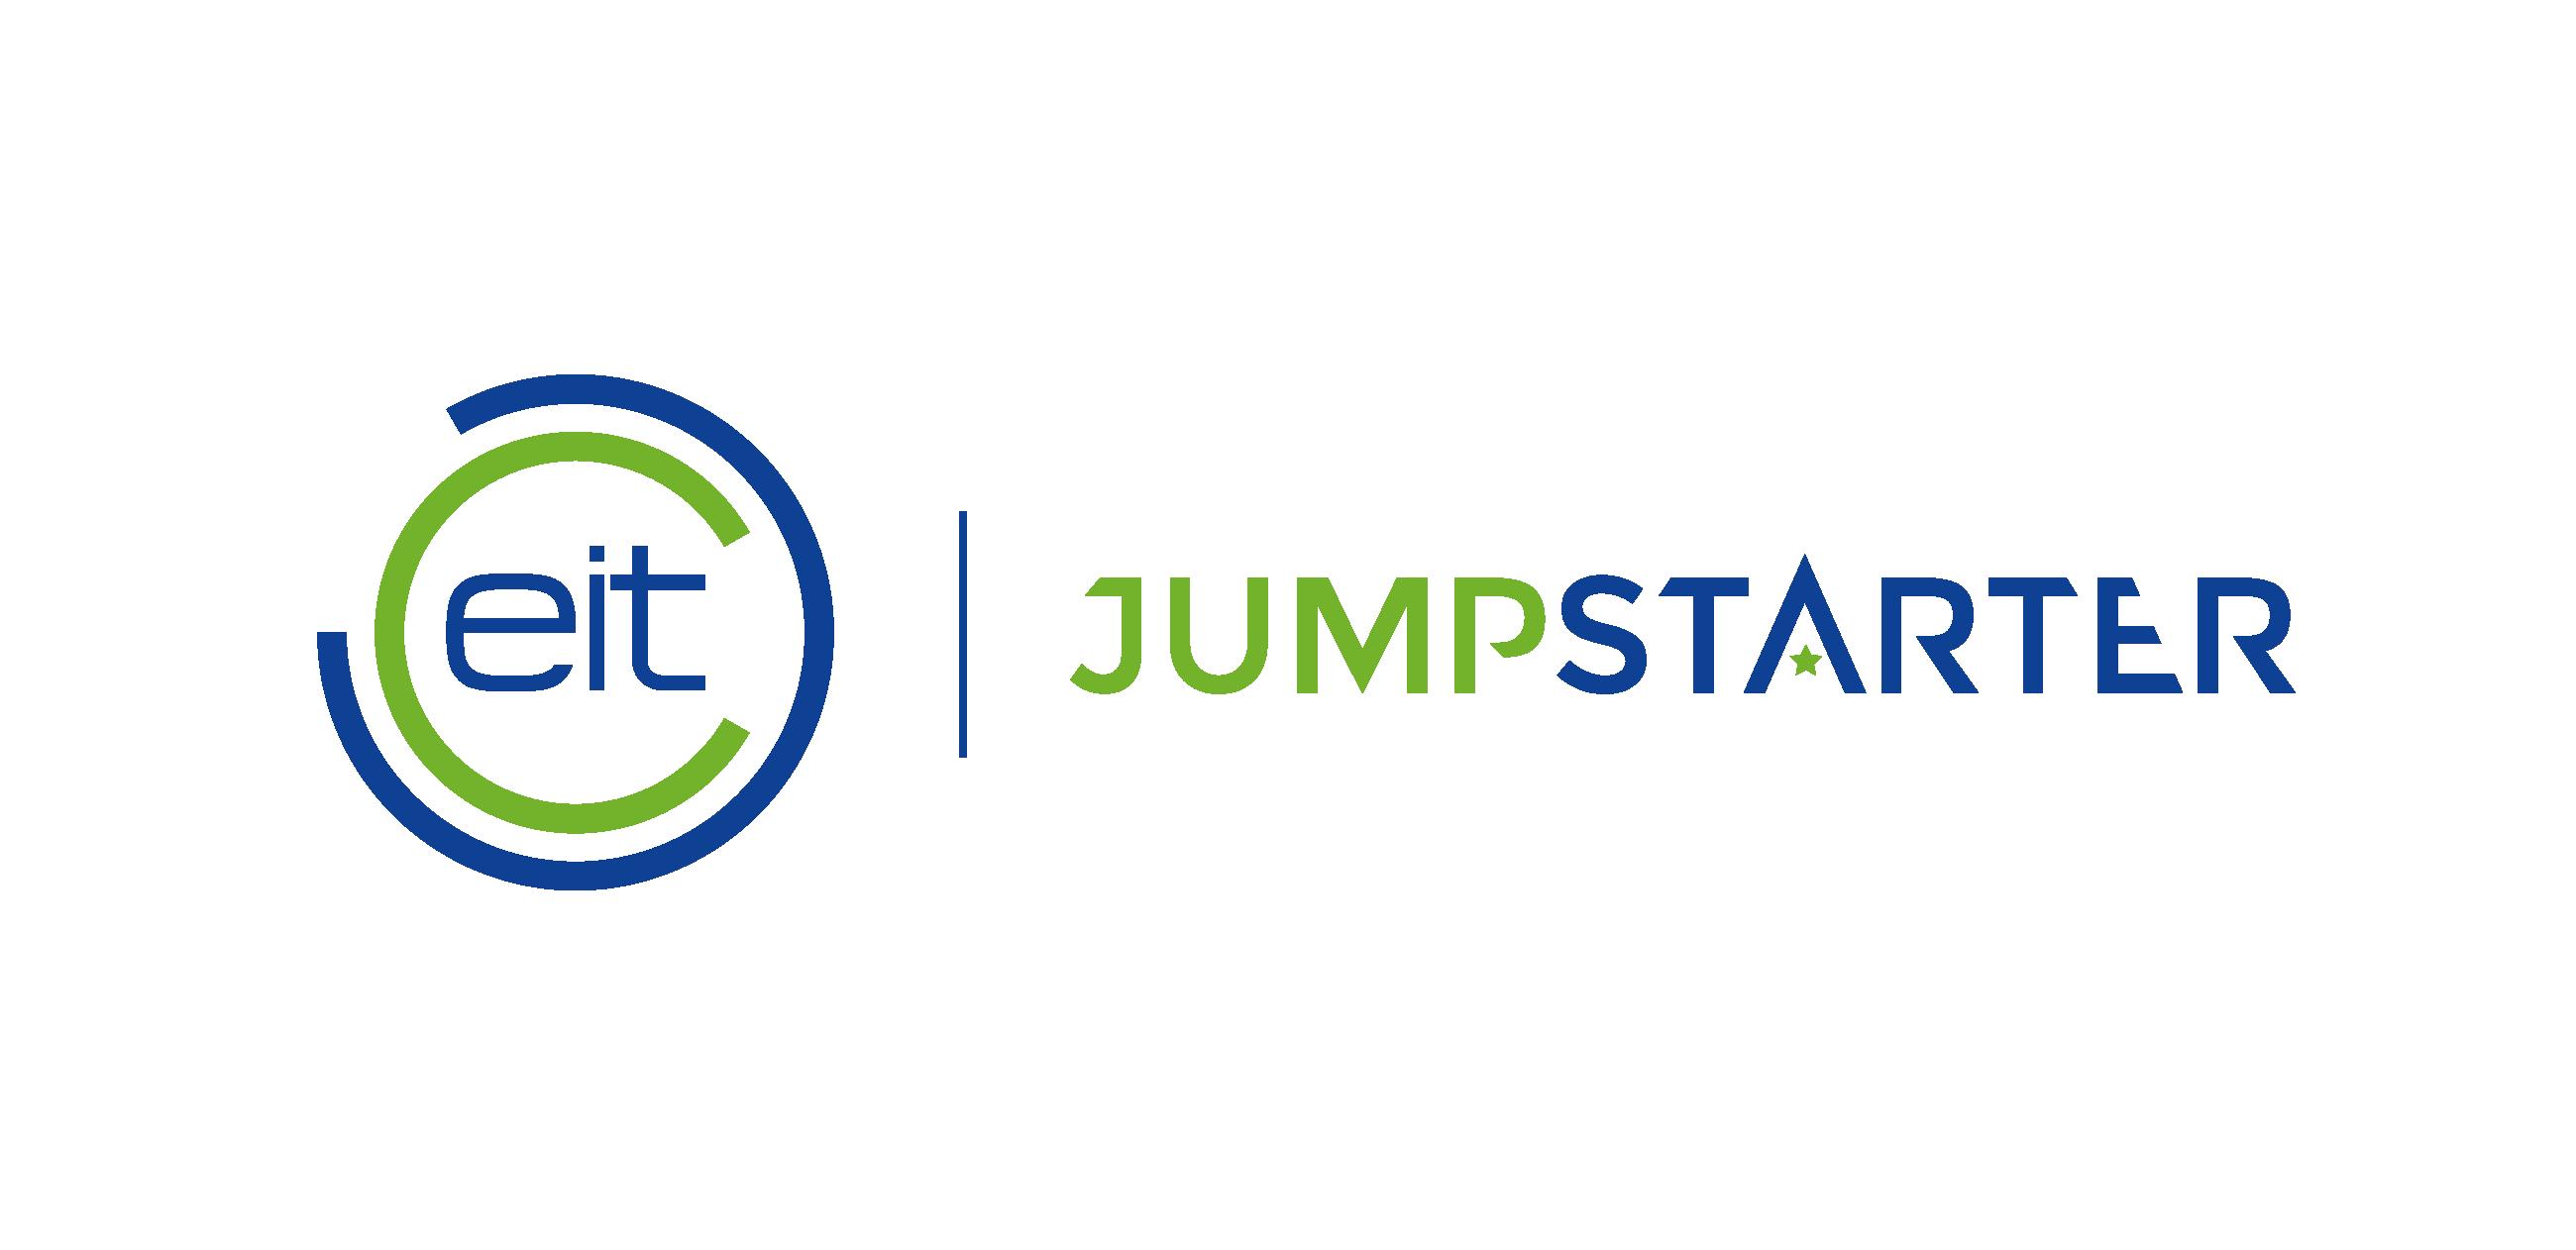 EIT Jumpstart's logo